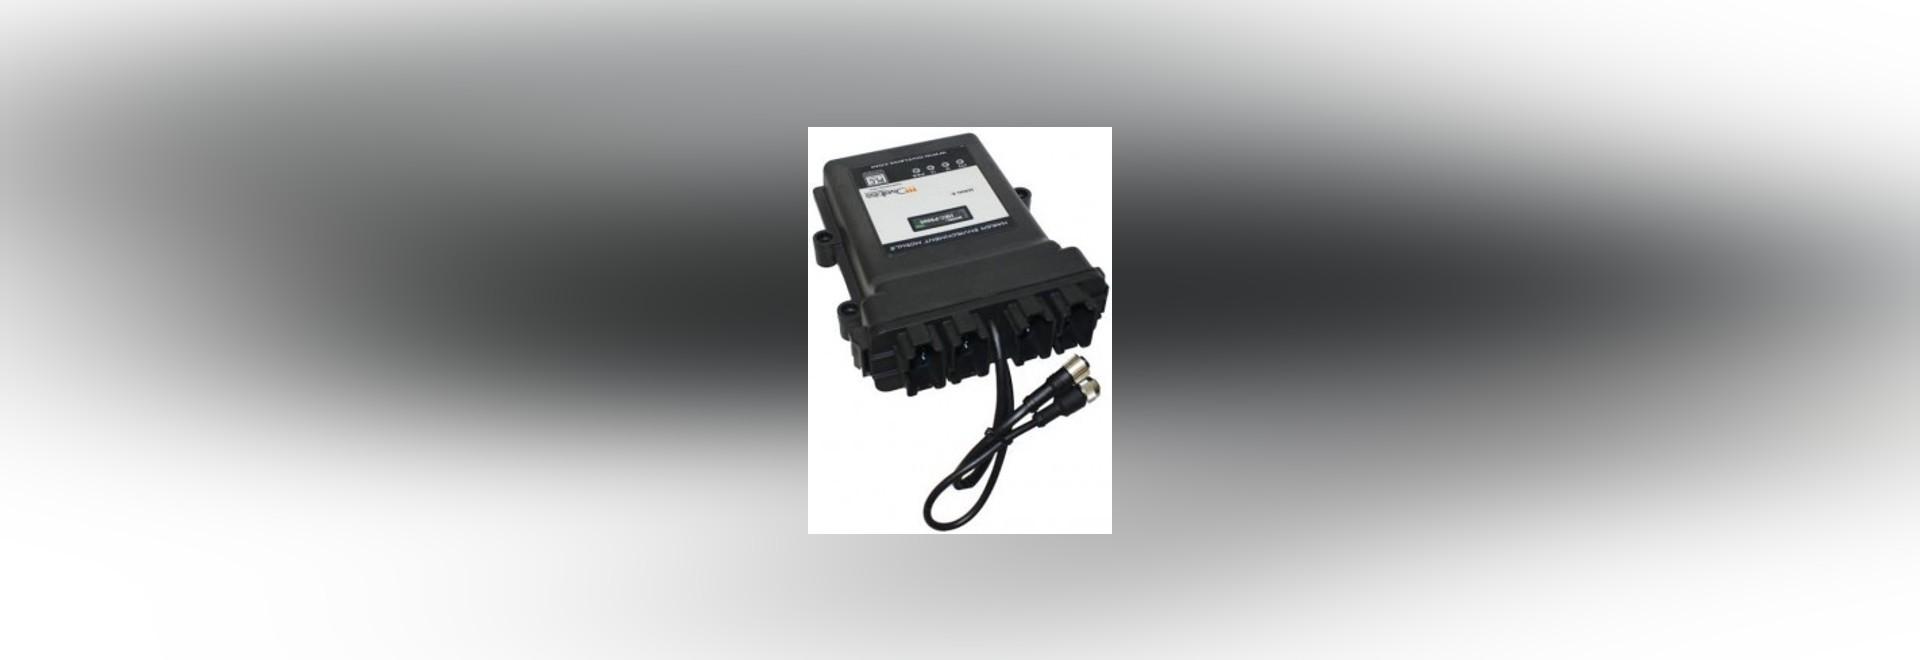 Los reguladores de Divelbiss ofrecen la conectividad J1939/NMEA2000 y la registración de datos de la tarjeta del SD